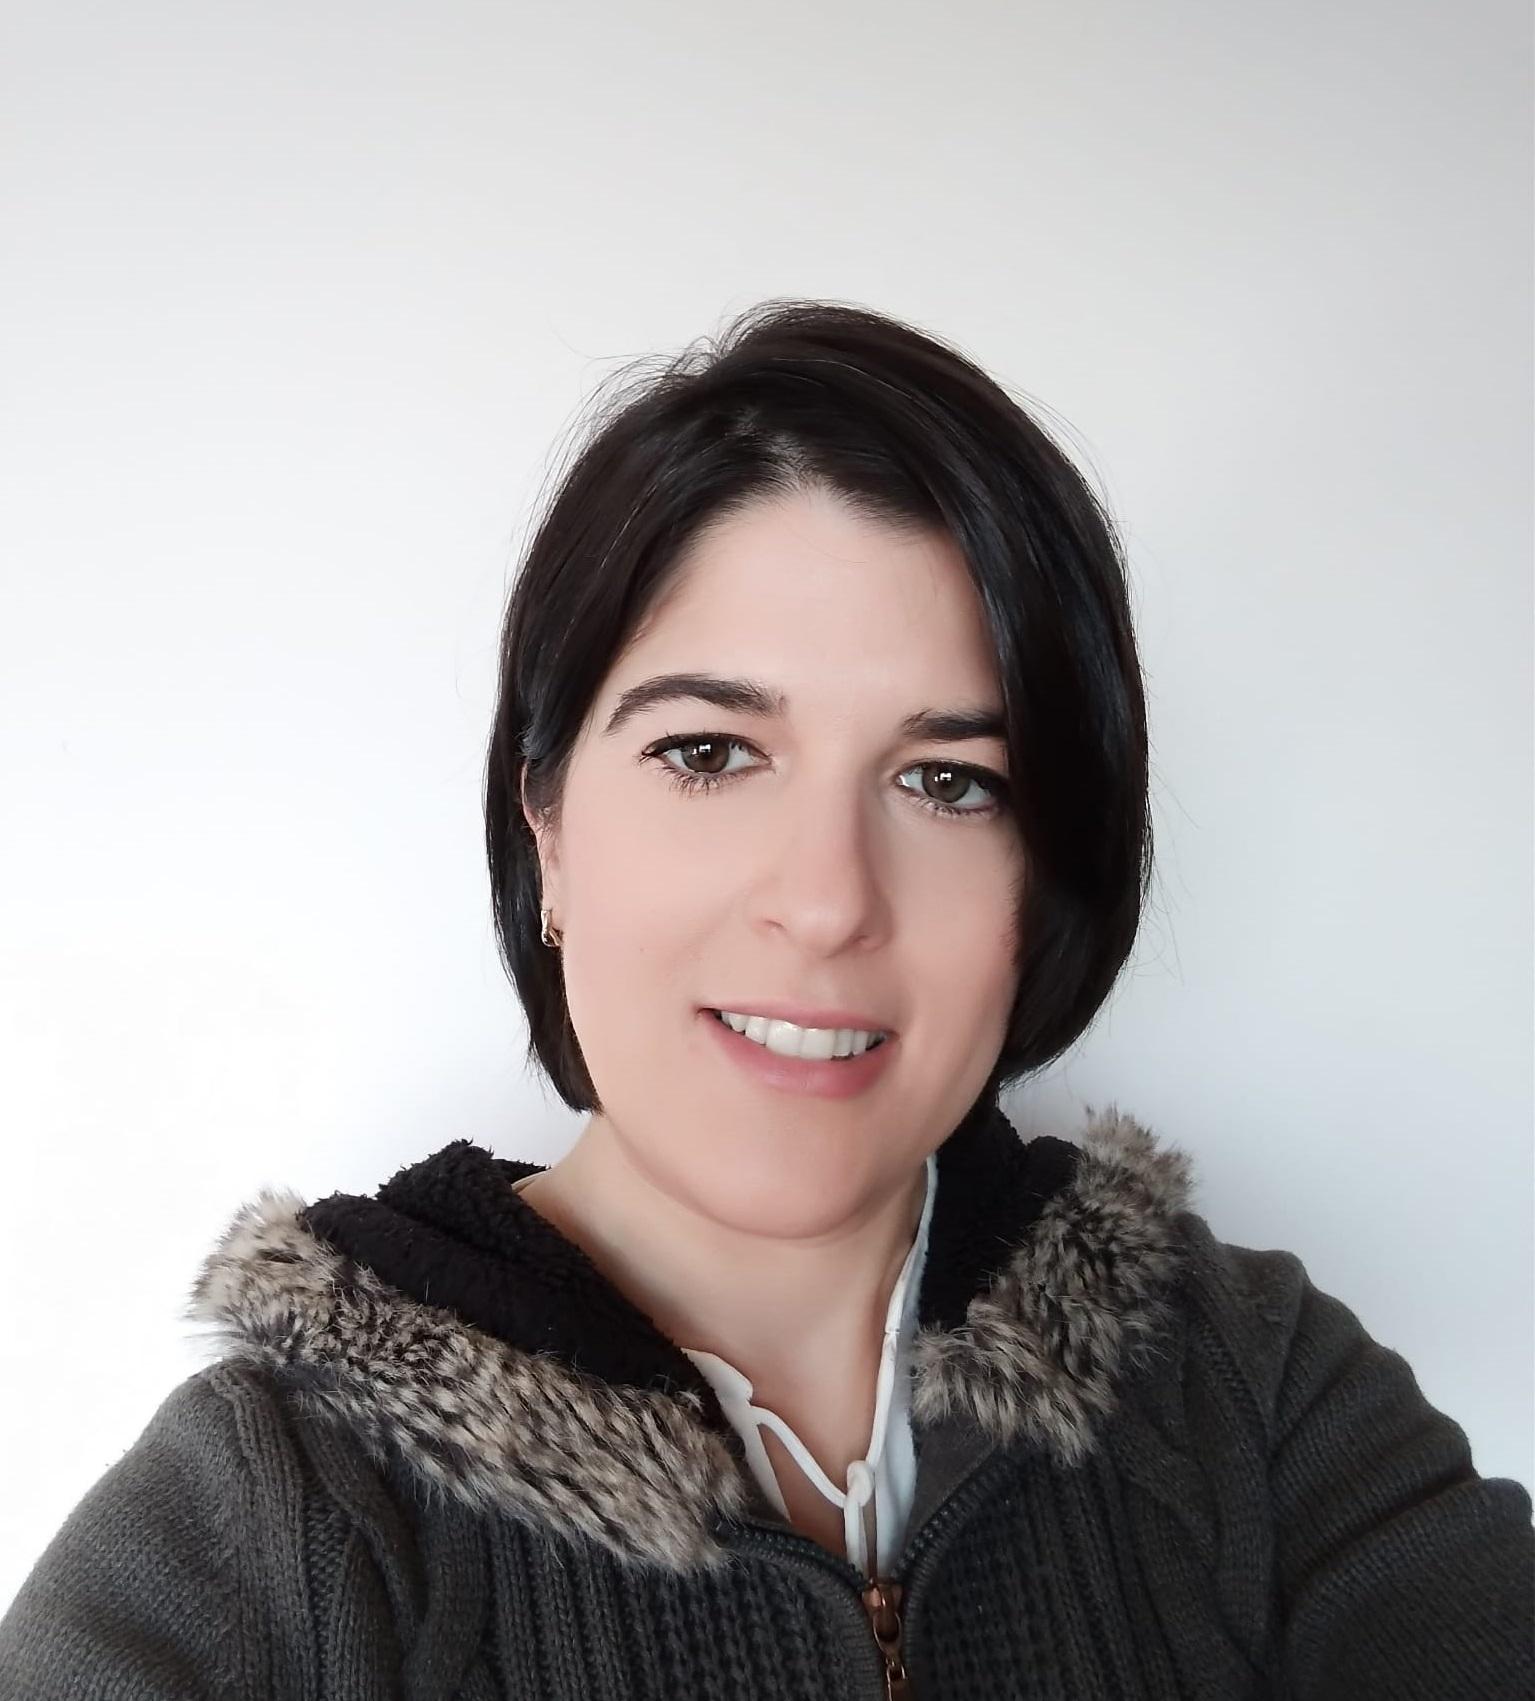 Esther Samper (Shora) es la ganadora del premio José Carlos Pérez Cobo de periodismo y pensamiento crítico